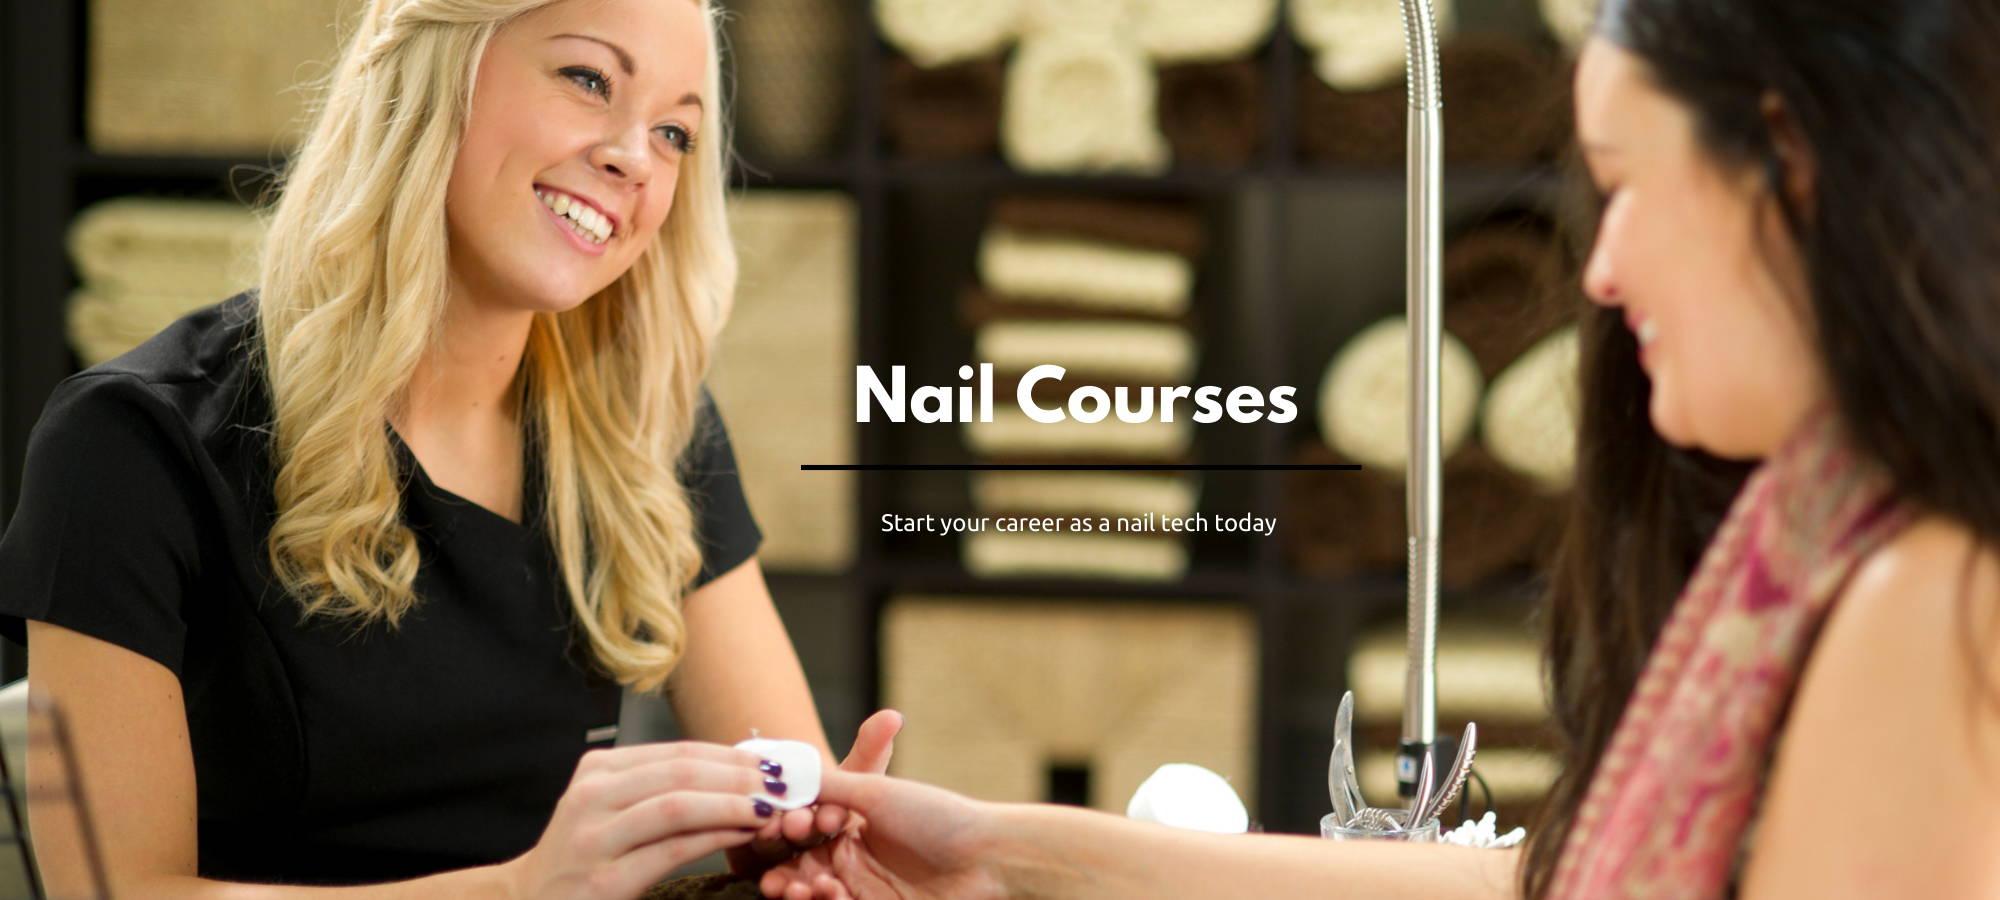 Brisbane Nail Technicians course